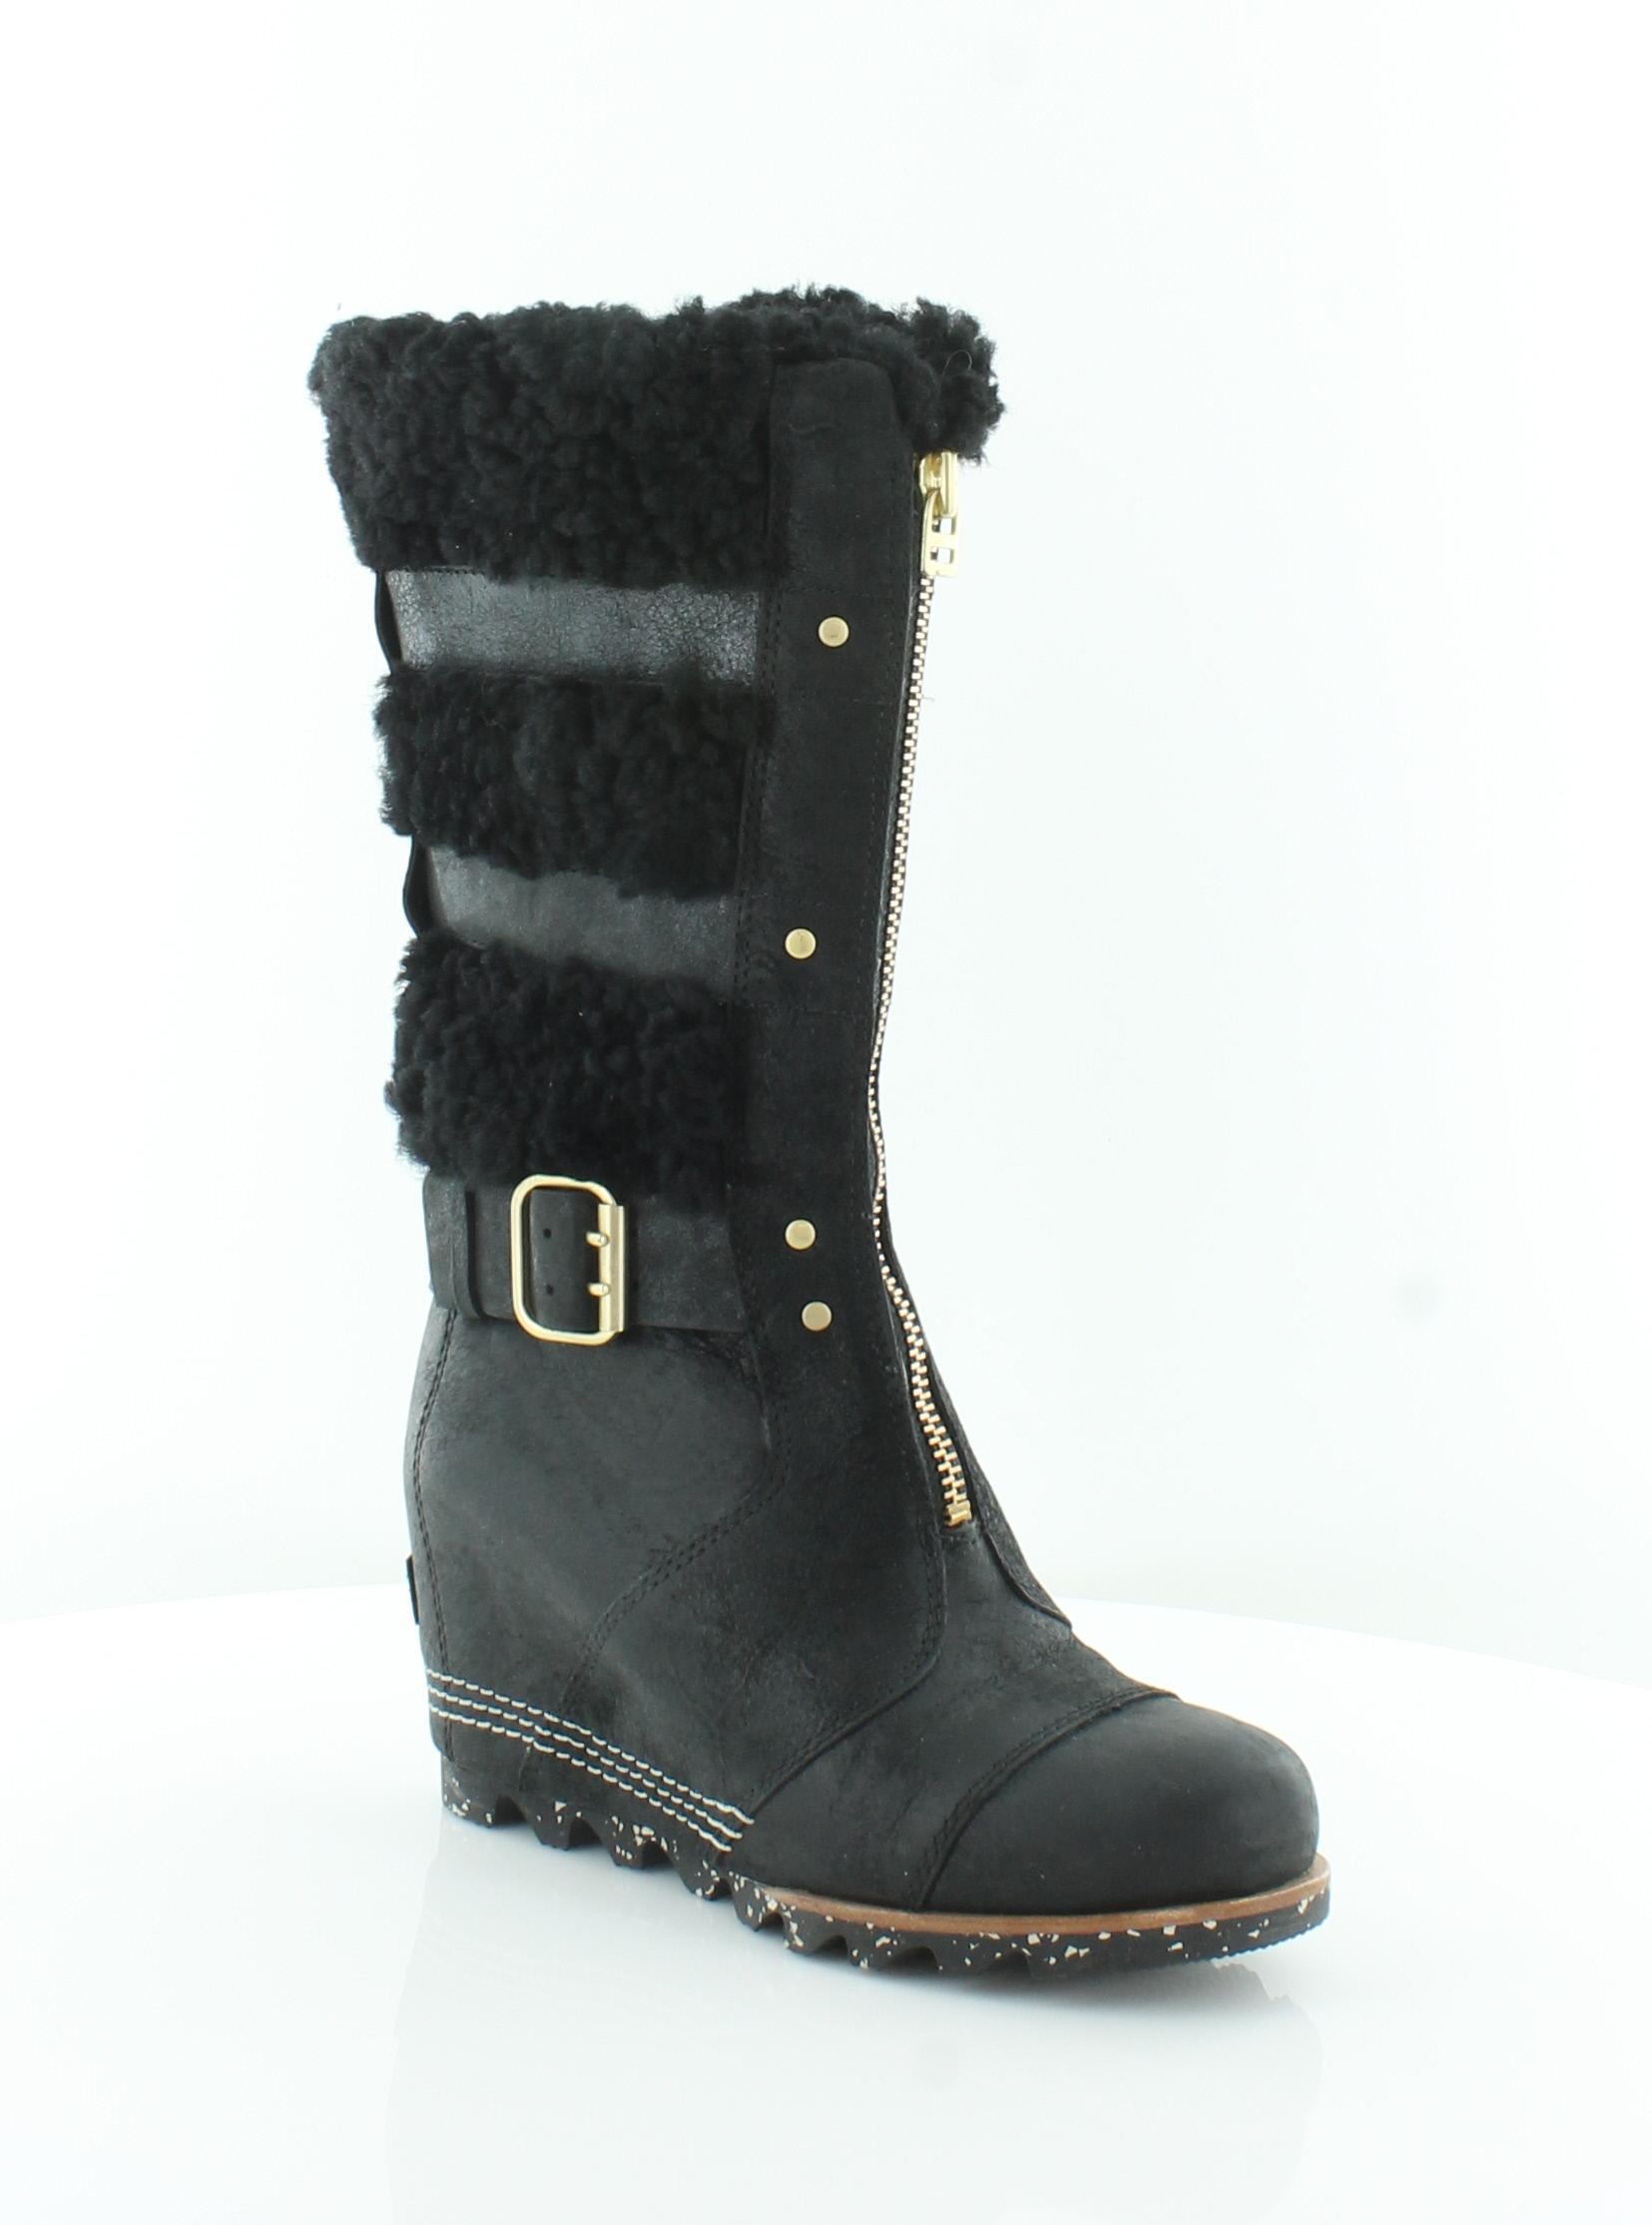 negozi al dettaglio Sorel Helen nero donna donna donna scarpe Dimensione 5 M stivali MSRP  295  a buon mercato